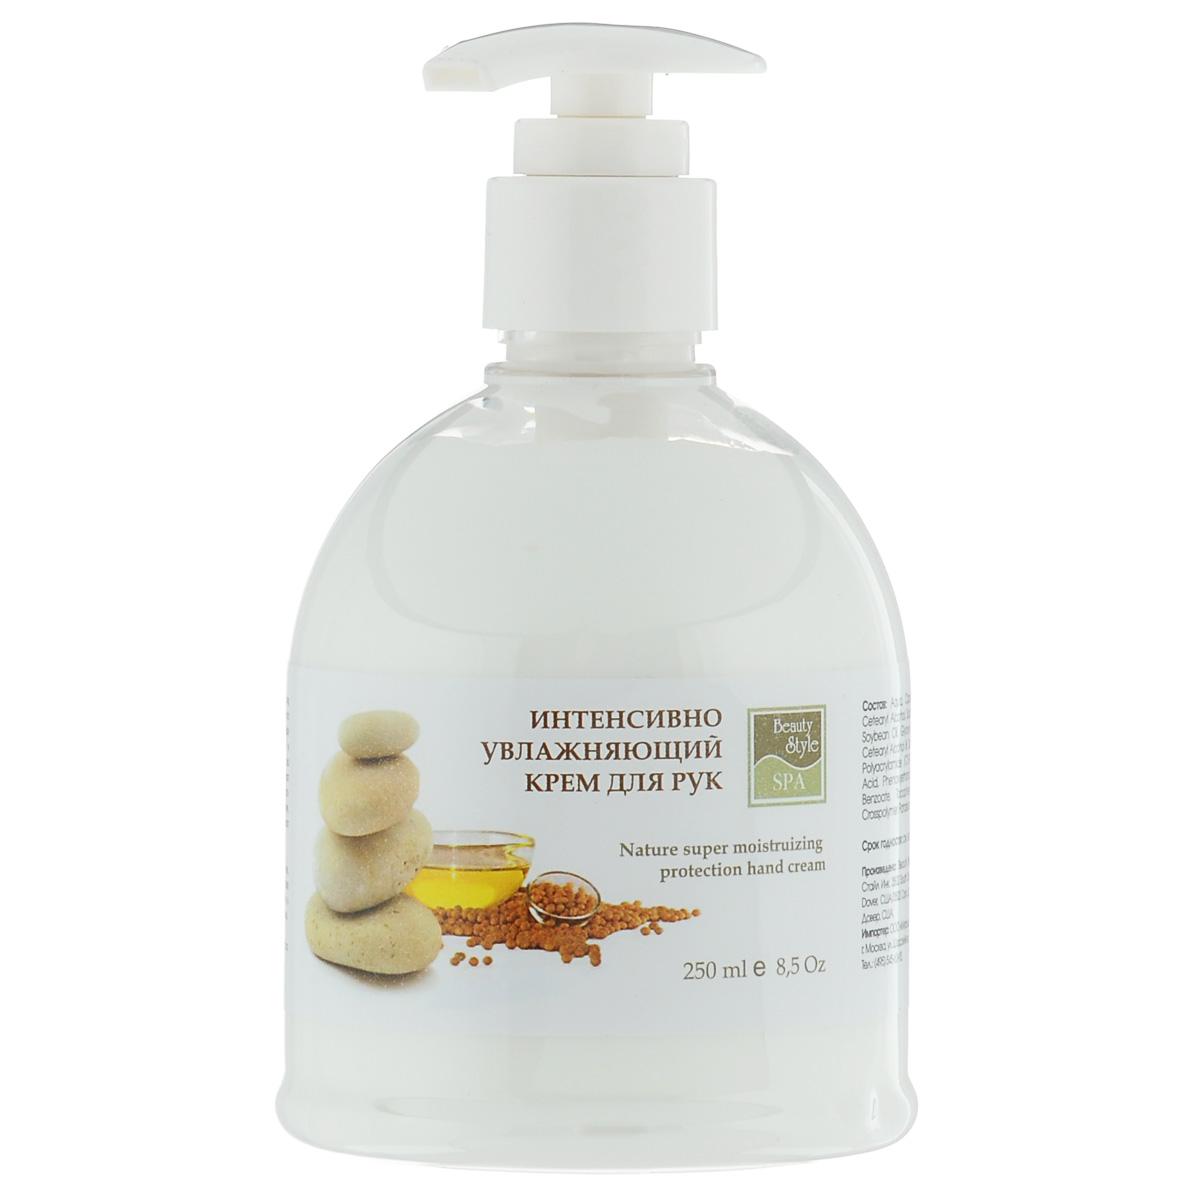 Beauty Style Интенсивно увлажняющий крем для рук, 250 мл4502002Мягкий ароматный крем с насыщенной формулой, защищает кожу рук, восстанавливает местный иммунитет, укрепляет кожу, разглаживает морщины и осветляет пигментные пятна. Крем содержит комплекс масел, сквален и витамин Е, которые предотвращают сухость, снимают покраснение, восстанавливают деятельность всех клеток кожи, запускают процесс регенерации. Благодаря насыщенному составу крем оказывает антиоксидантное, противовоспалительное действие, борется со свободными радикалами, провоцирующими старение. Экстракт взморника и гидролизованный кератин дарят коже мягкость и гладкость, устраняя раздражение, успокаивая и смягчая кожу. Активные ингредиенты: сквален, масло жожоба, соевое масло, масло карите, экстракт взморника, гидролизованный кератин, витамин Е